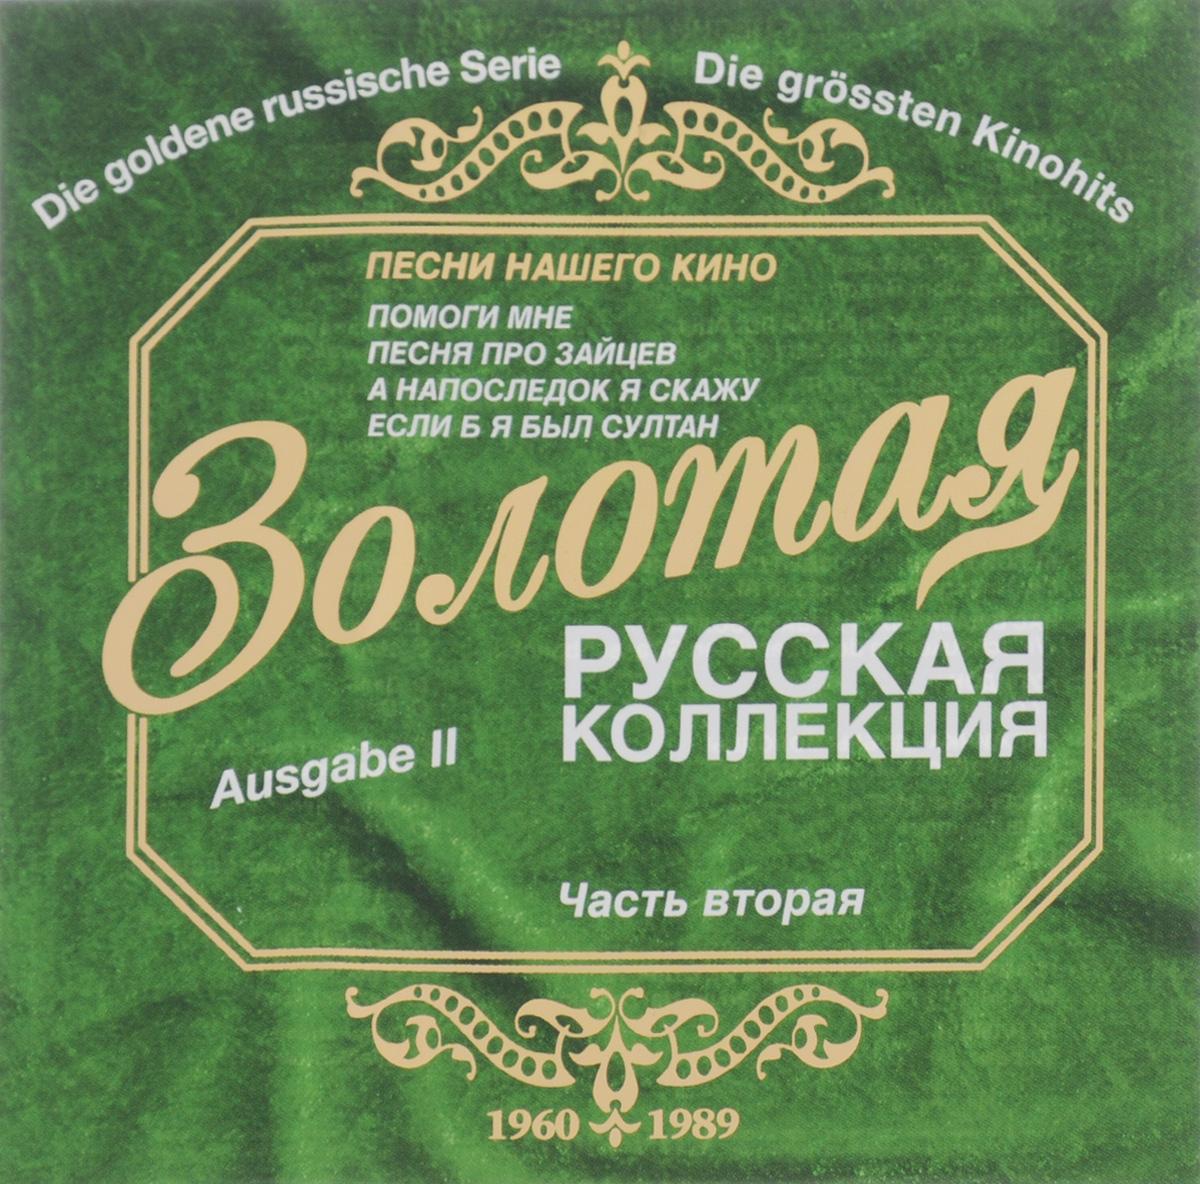 Die Goldene Russische Serie. Ausgabe 2. Die Grossten Kinohits